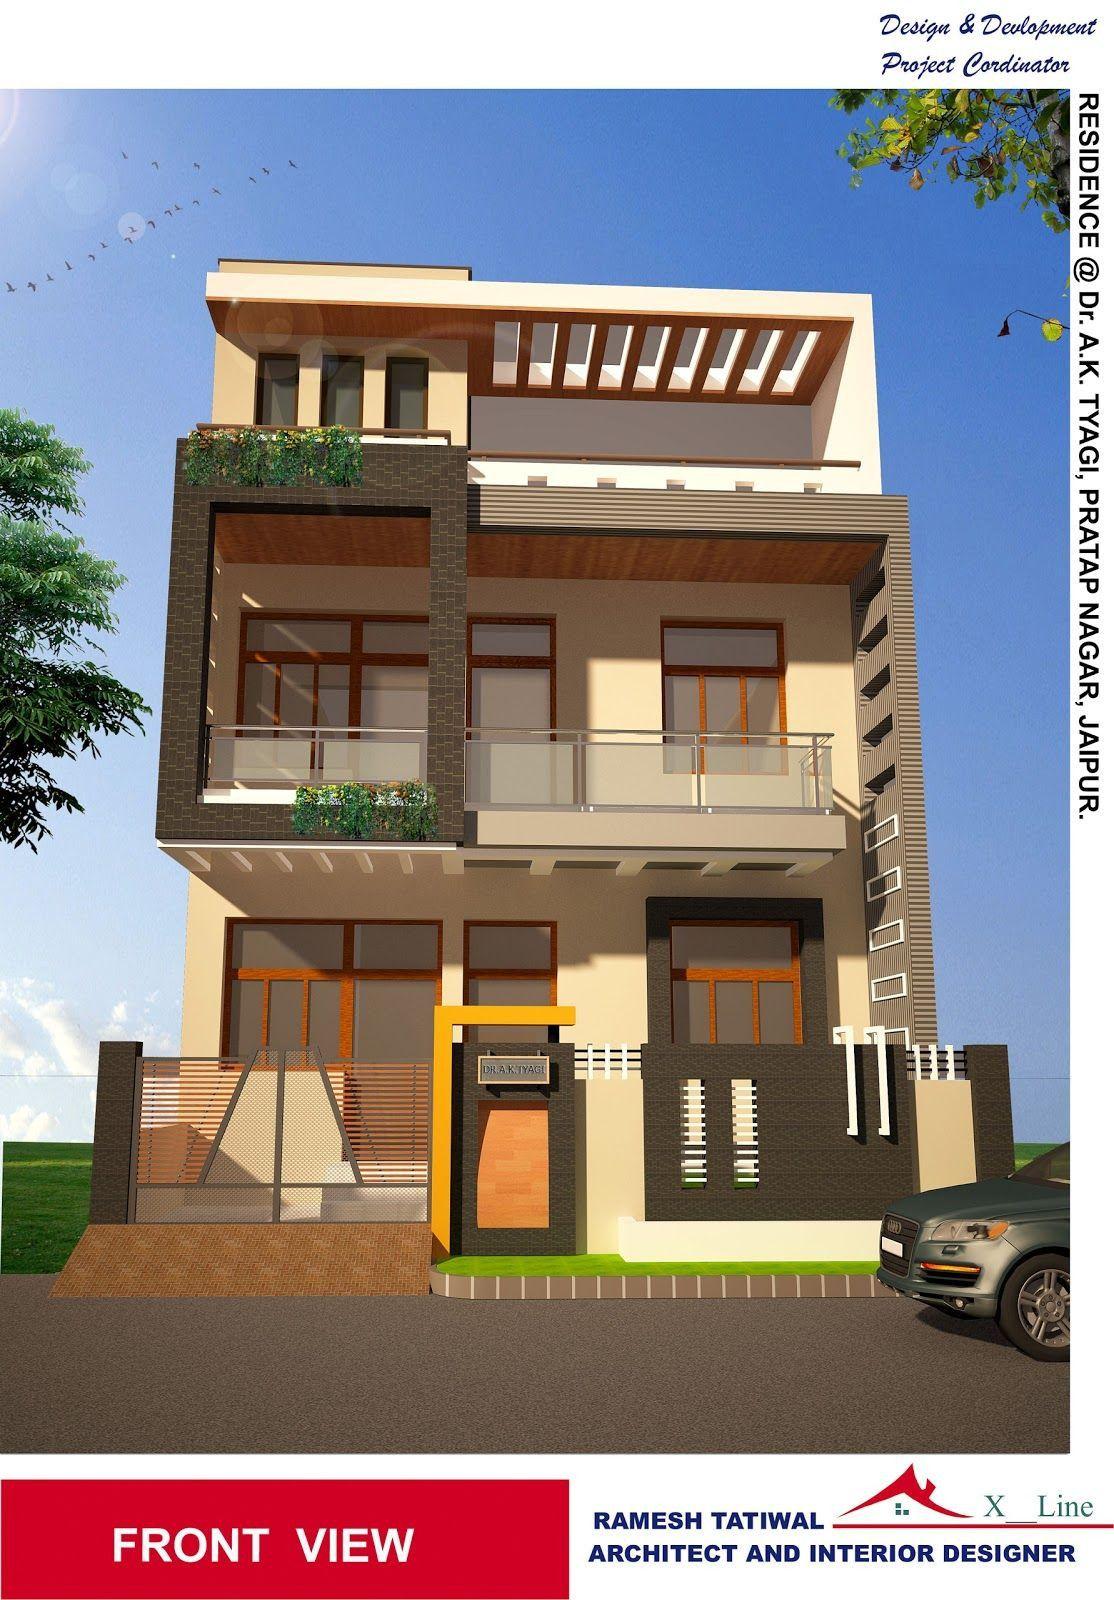 Free Online Architecture Design For Home 2020 Di 2021